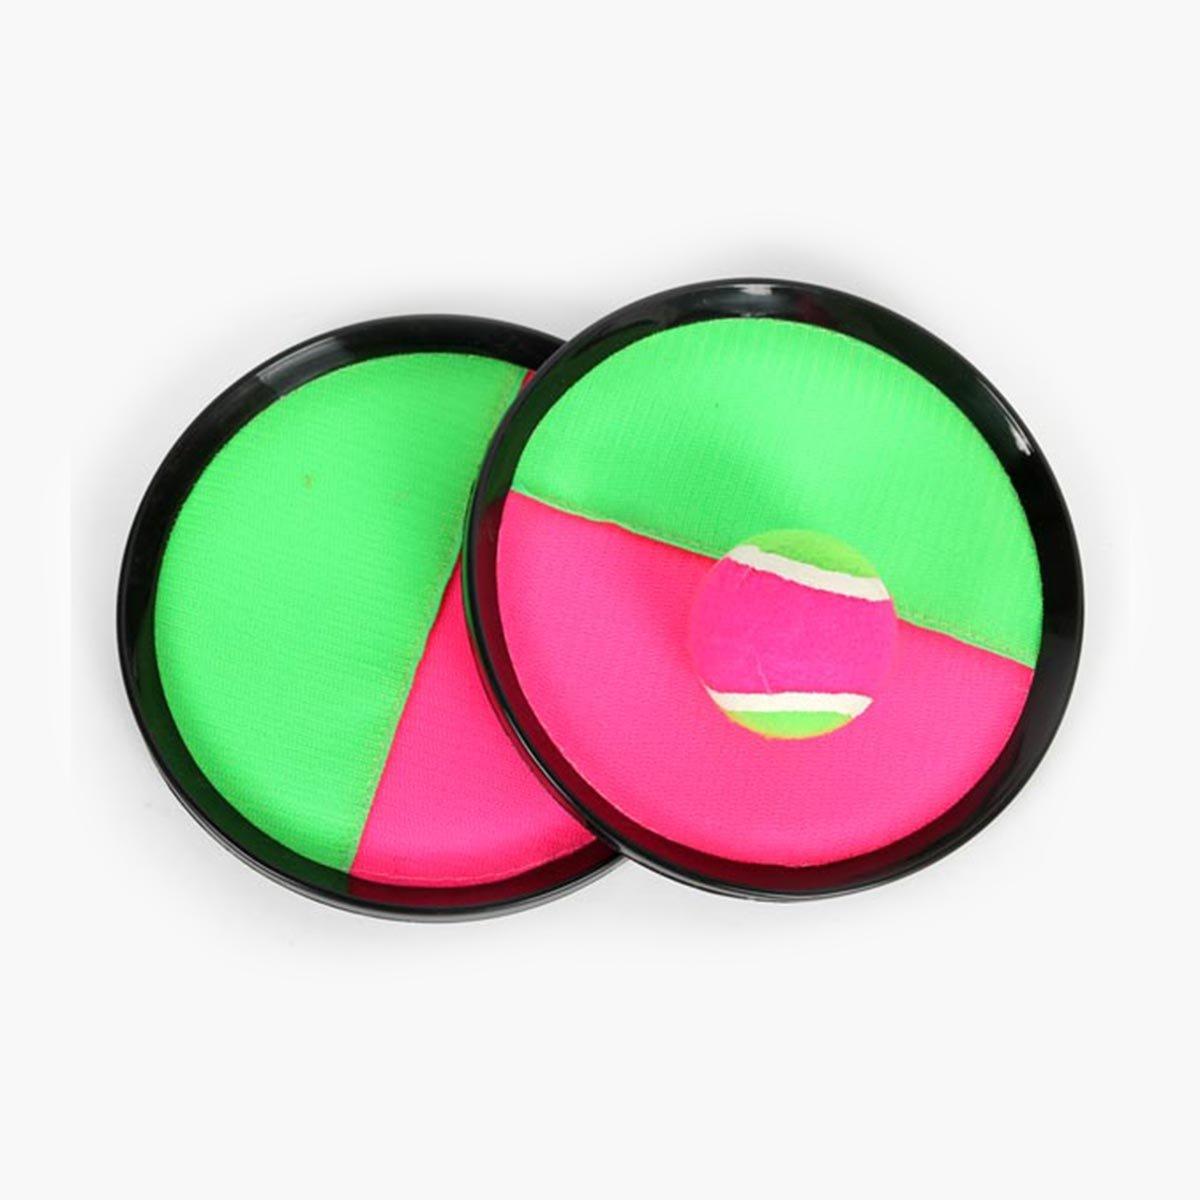 TOYANDONA Les Enfants attrapent Le Jeu réglable de pagaies et de disques de Jeu de disques réglables avec des Jouets de Jeux extérieurs/intérieurs jettent Le Jeu de Jouets de mandrin